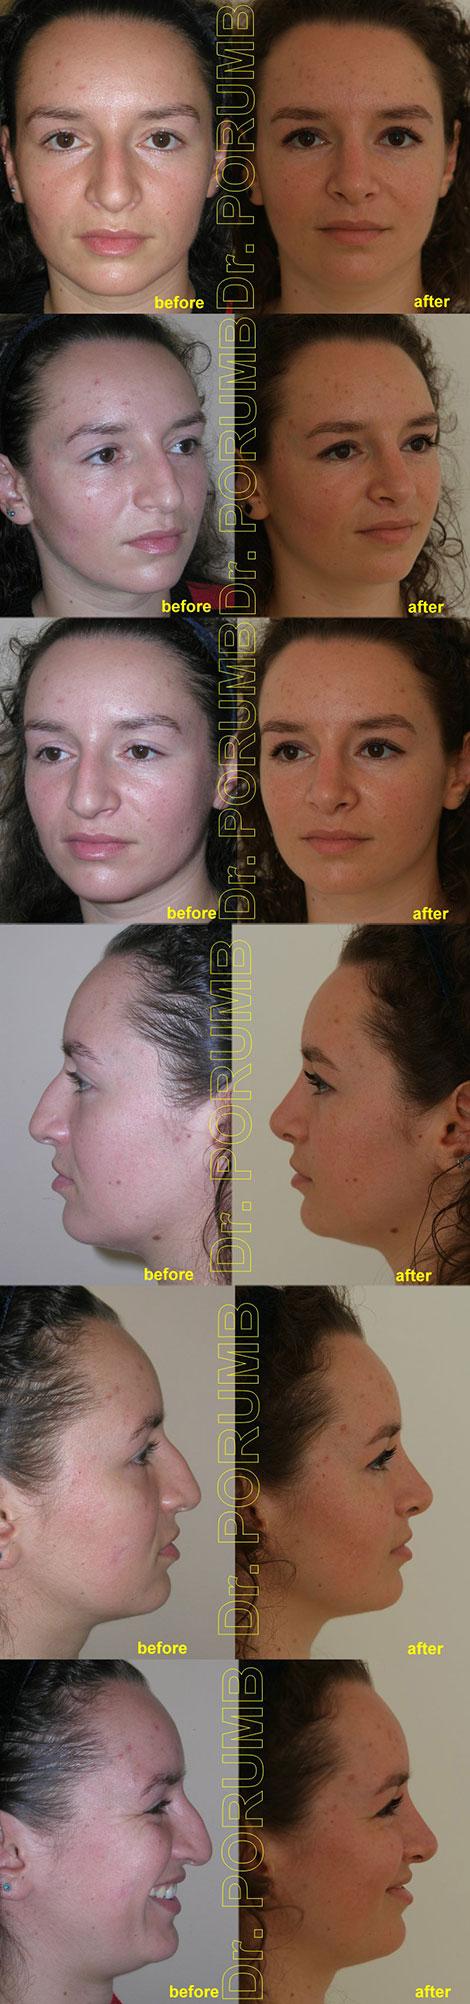 Pacienta de 27 ani, nemultumita de aspectul estetic al nasului, doreste sa apele